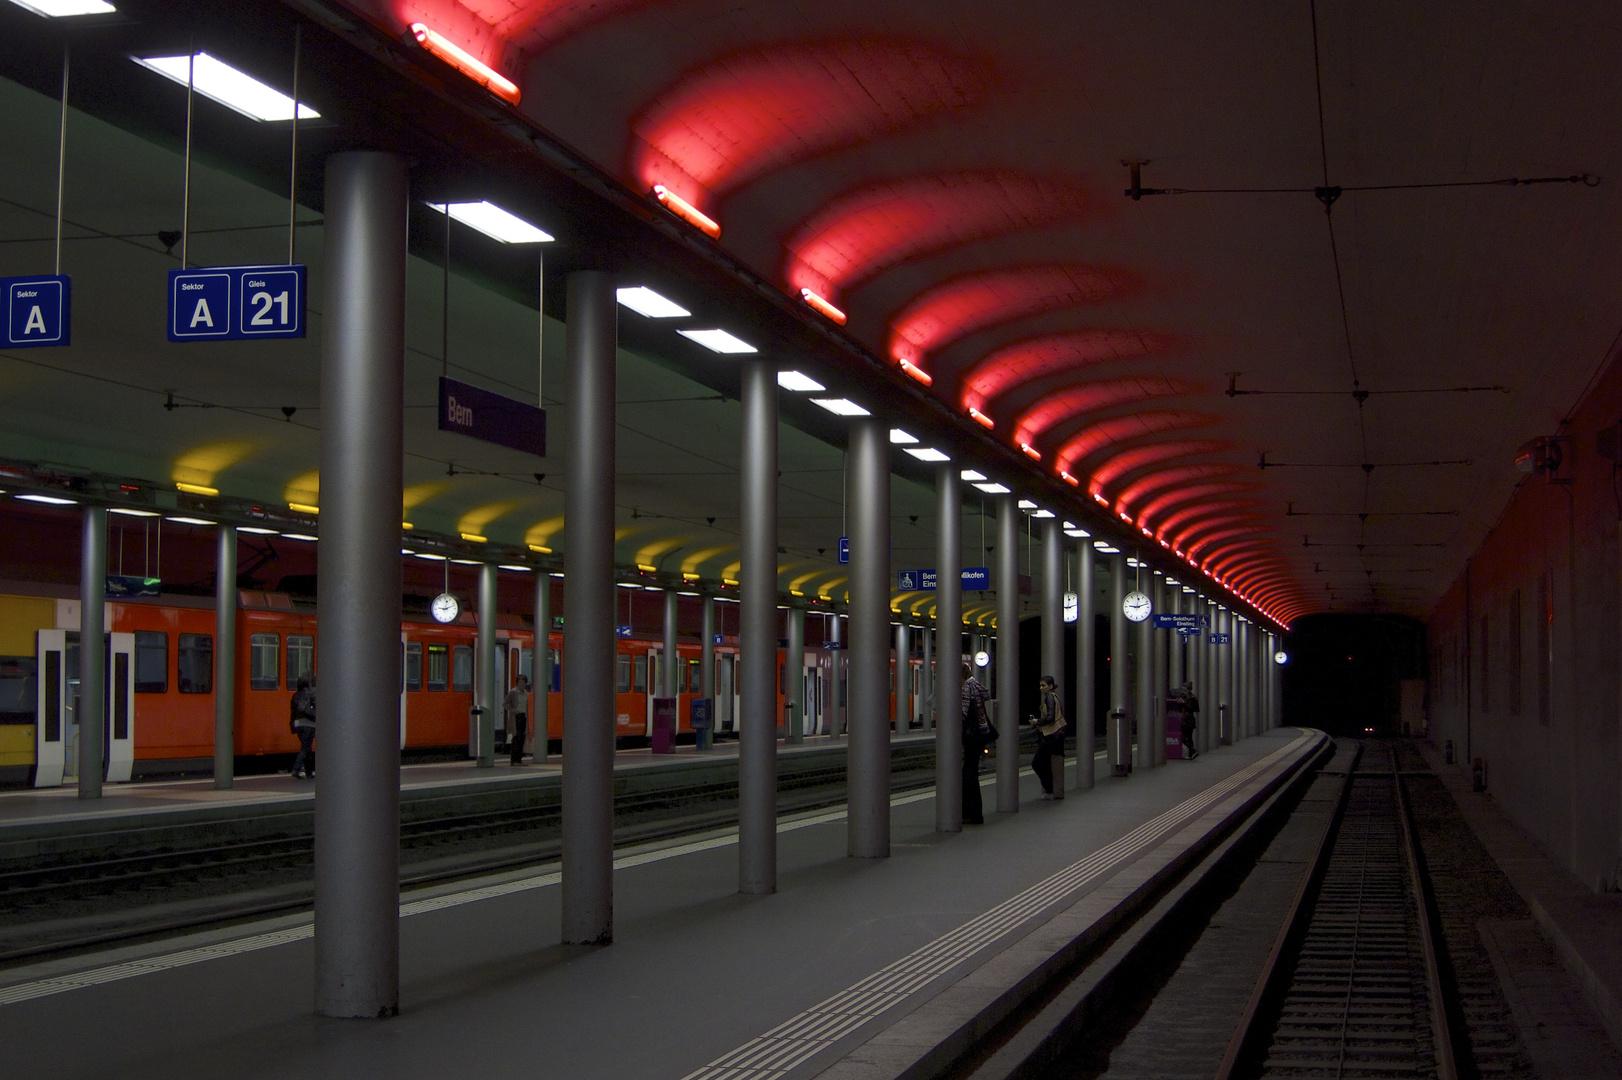 Der Rotlicht-Bahnhof in Bern